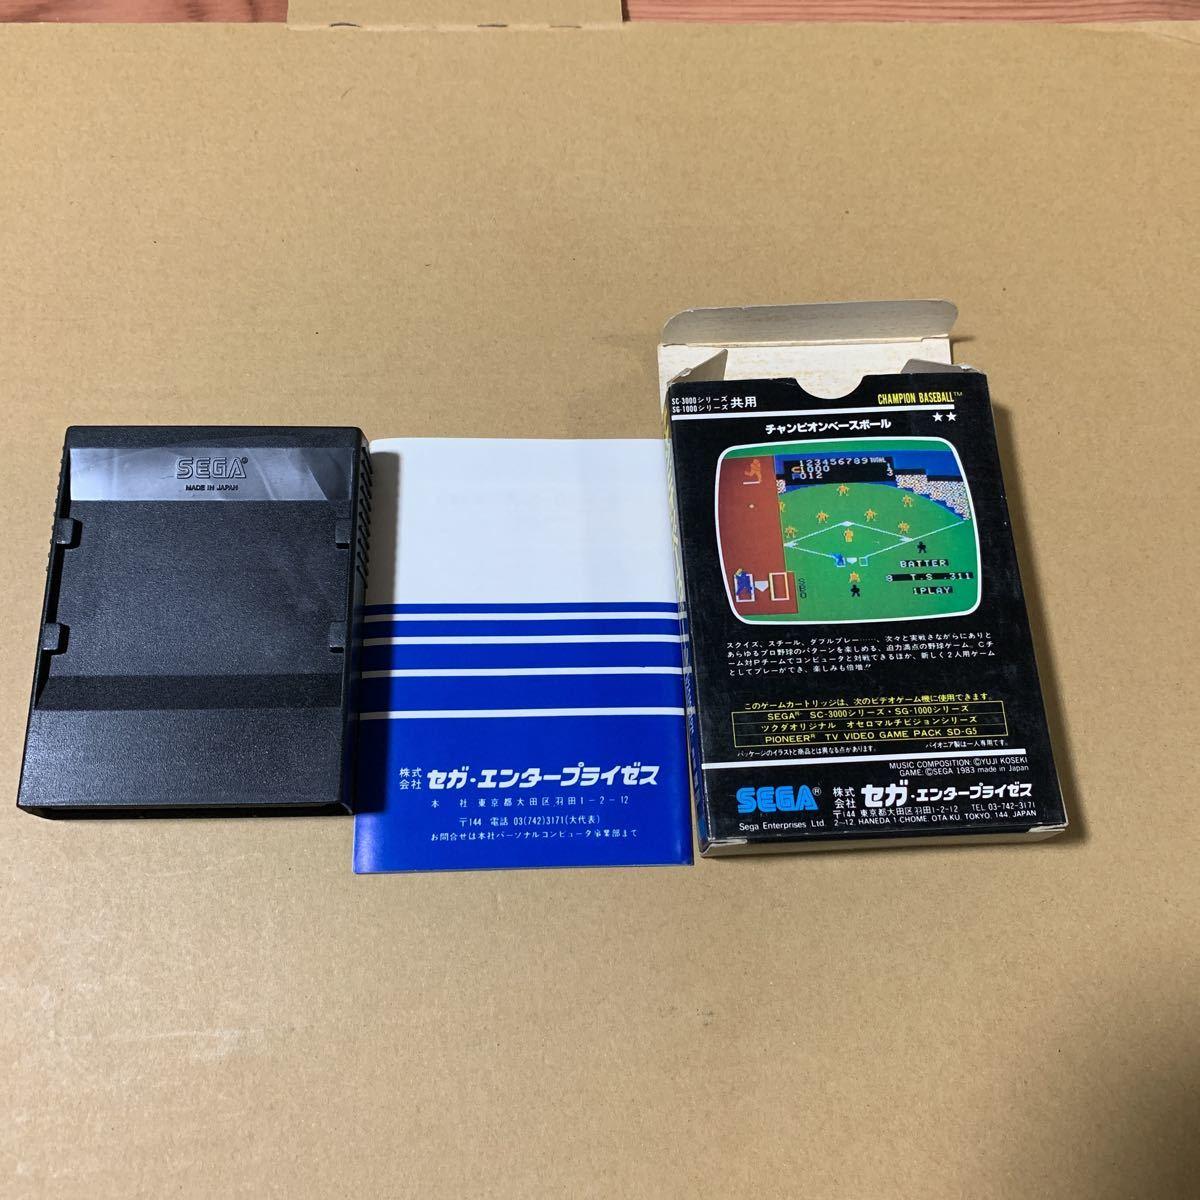 【ジャンク】セガ チャンピオンベースボール SC-3000・SG-1000シリーズ共用 (動作未確認)_画像4